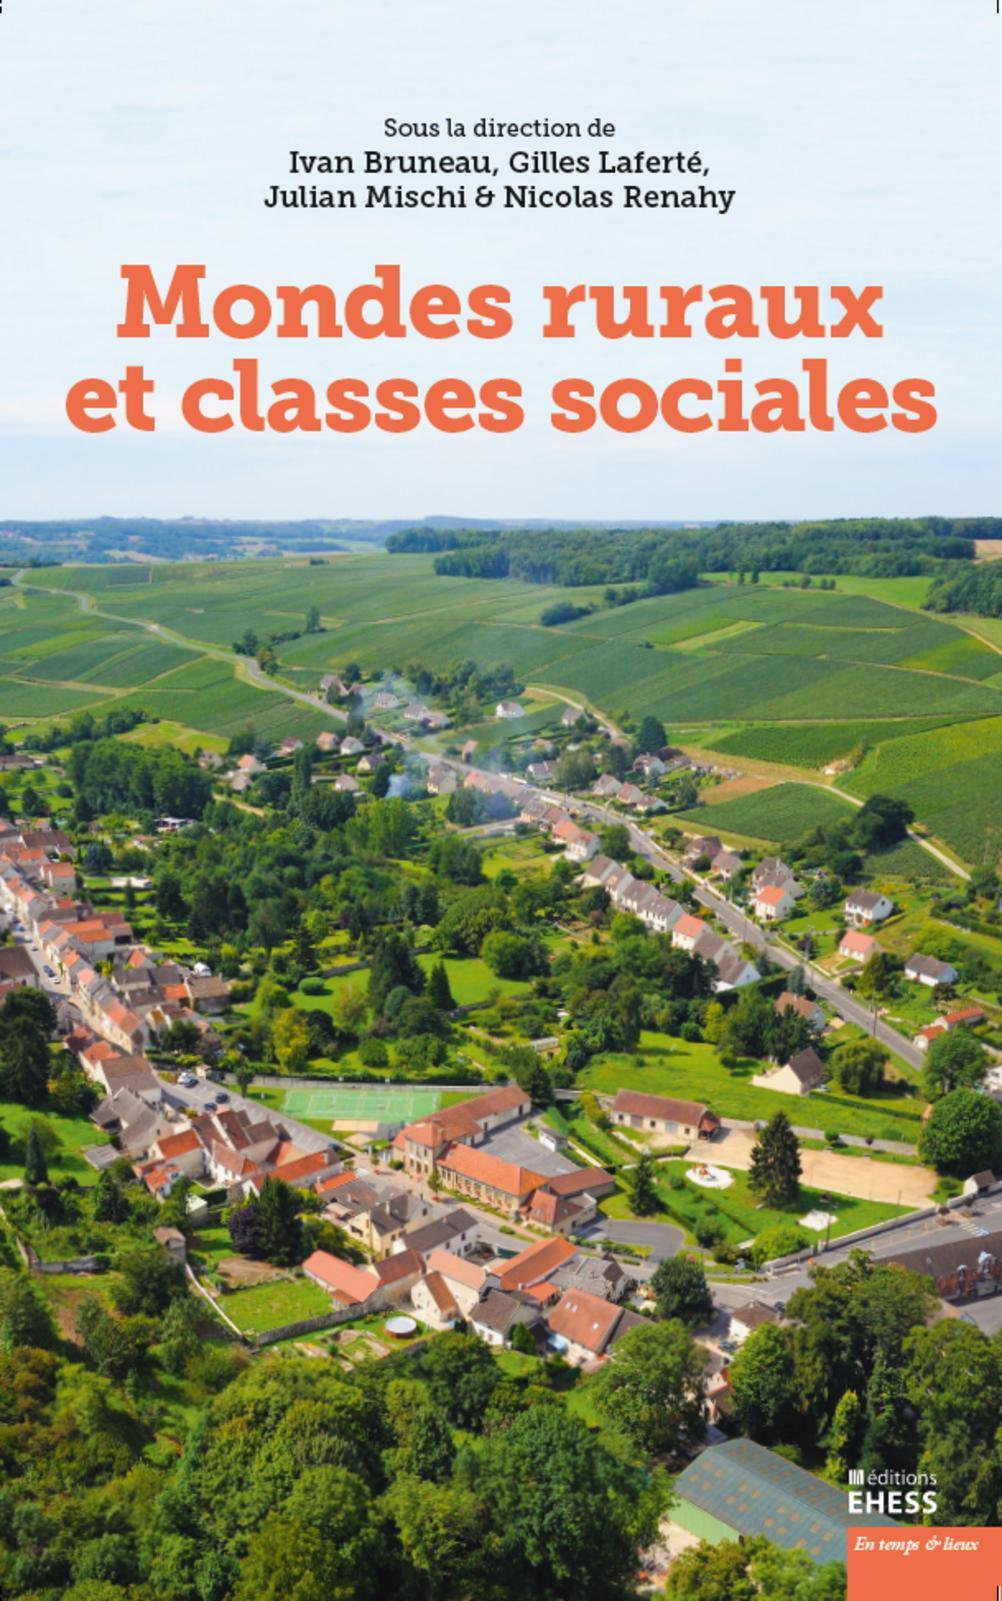 Mondes ruraux et classes sociales, Sous la direction de Ivan Bruneau, Gilles Laferté, Julian Mischi & Nicolas Renahy